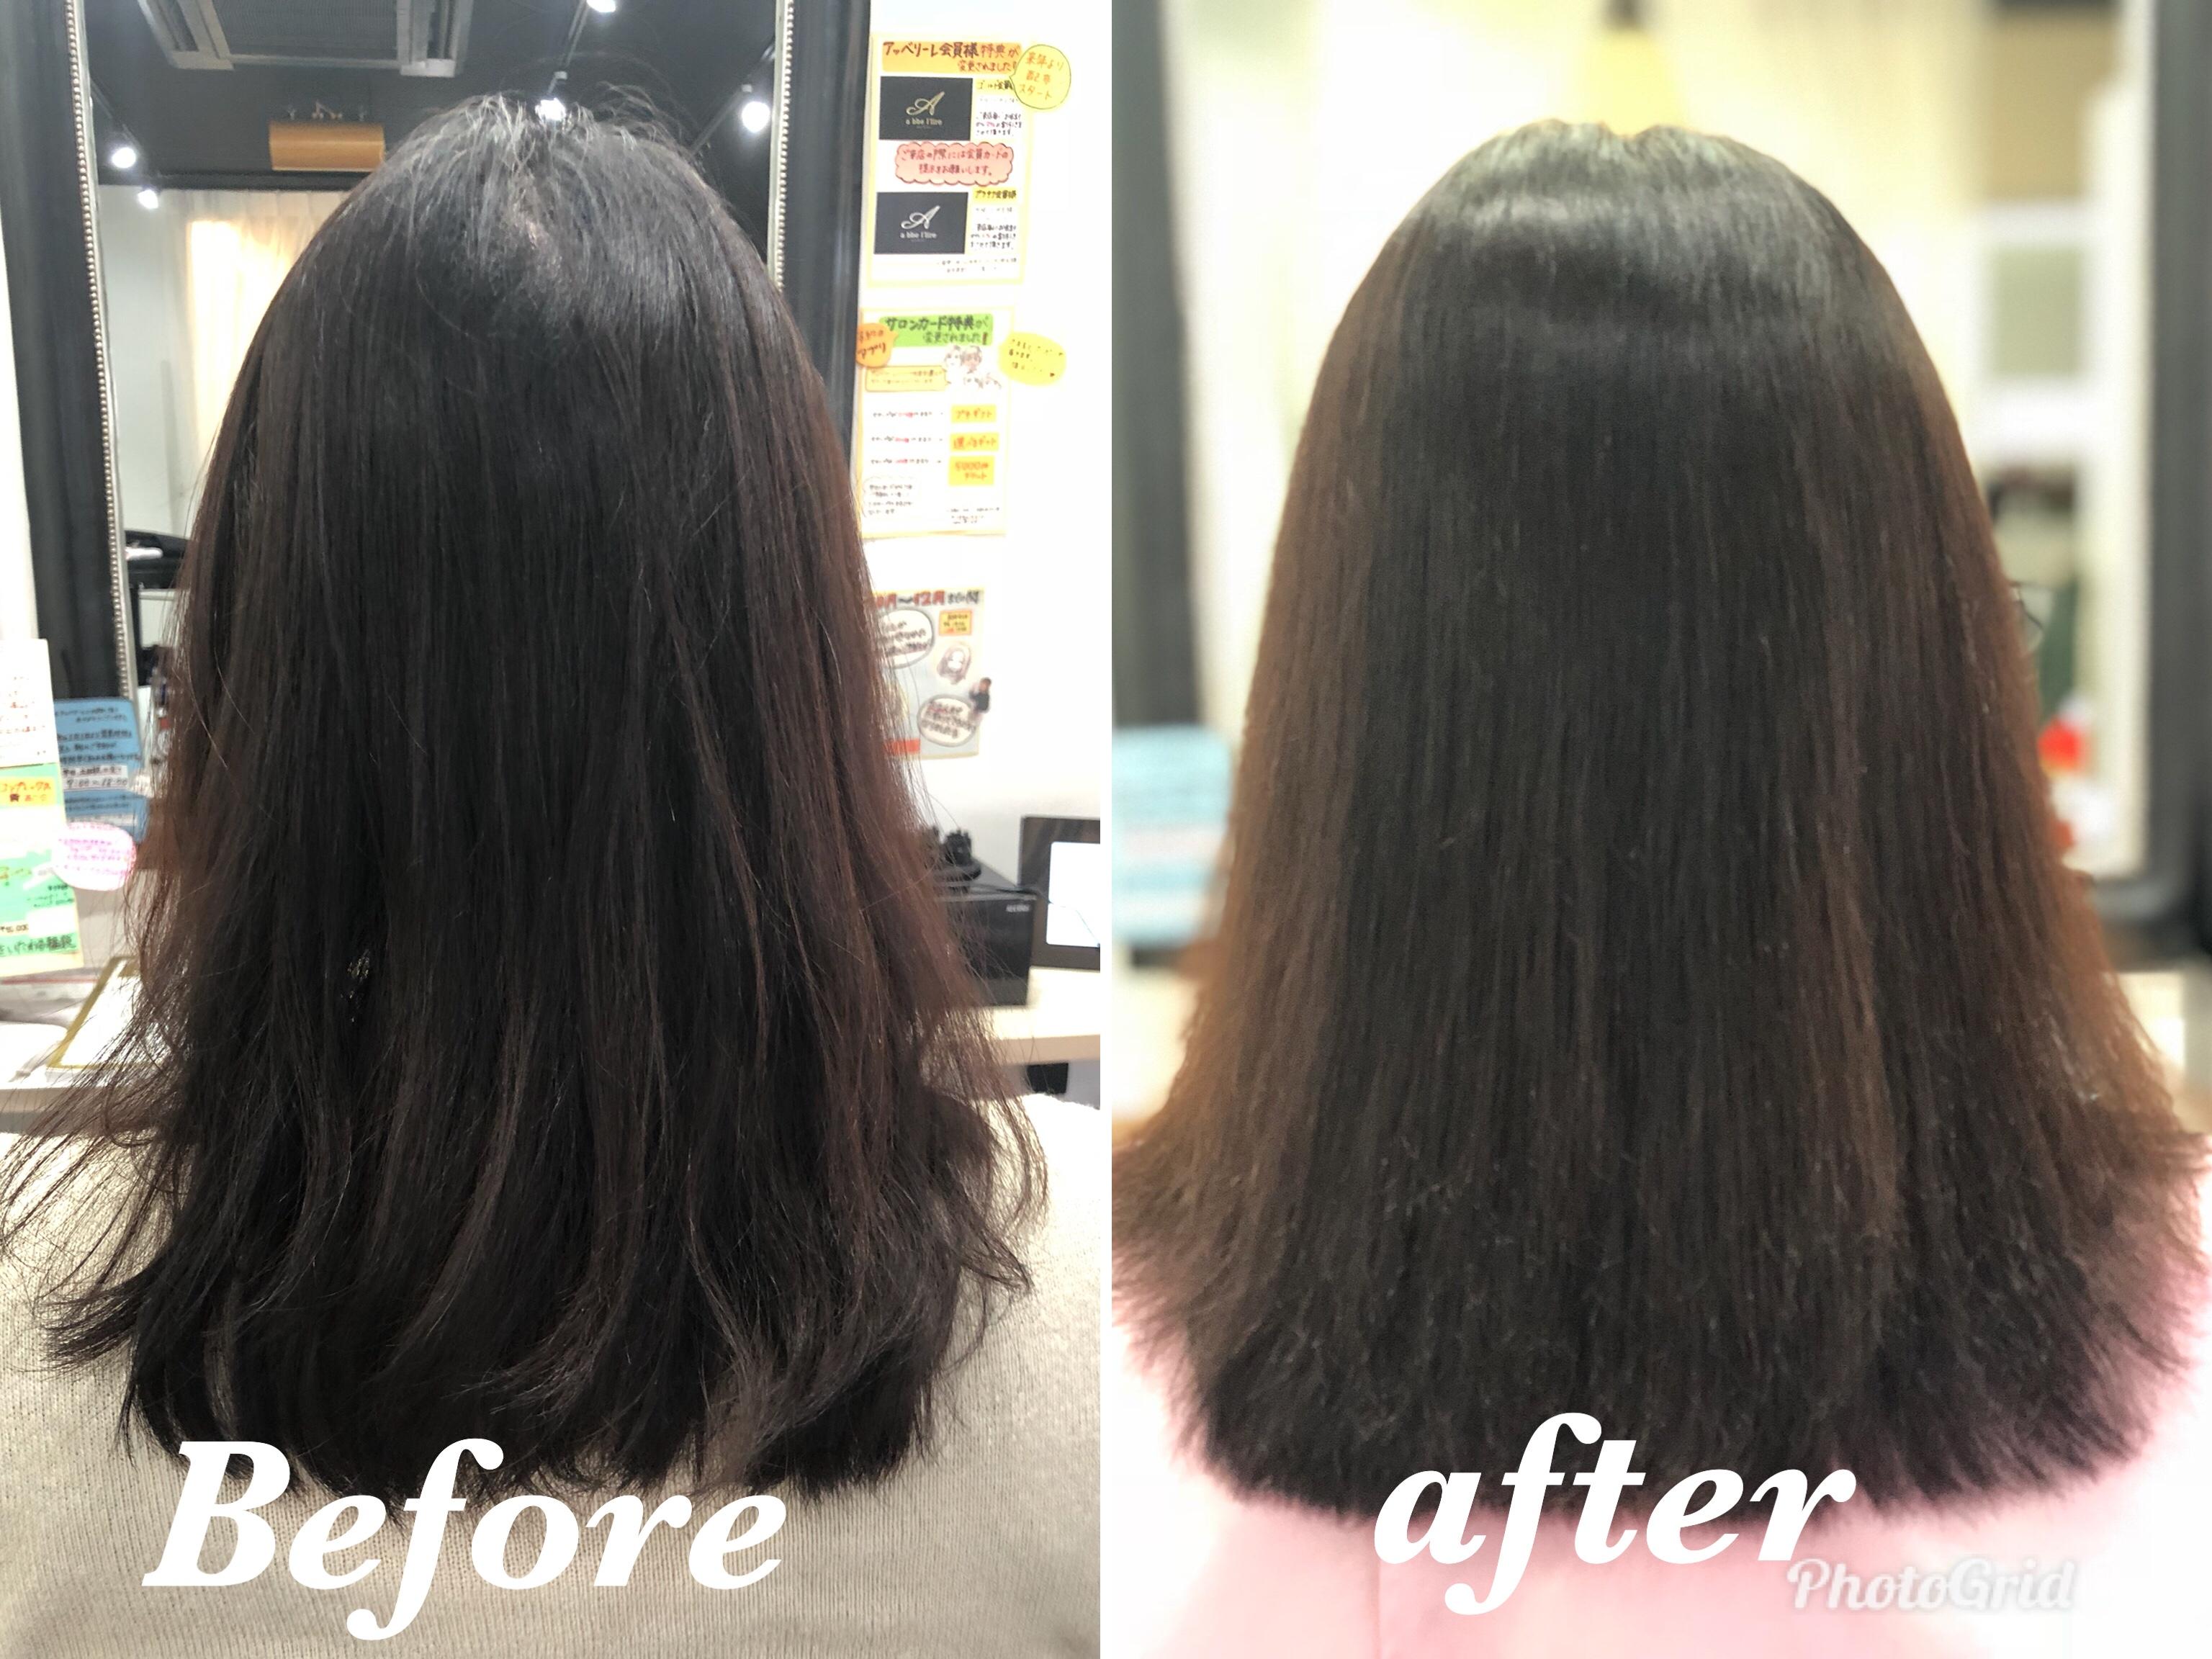 つむじの割れが解消して治る 後ろからの見た目で後頭部がふんわりする ヘアリセッター 髪質改善カット